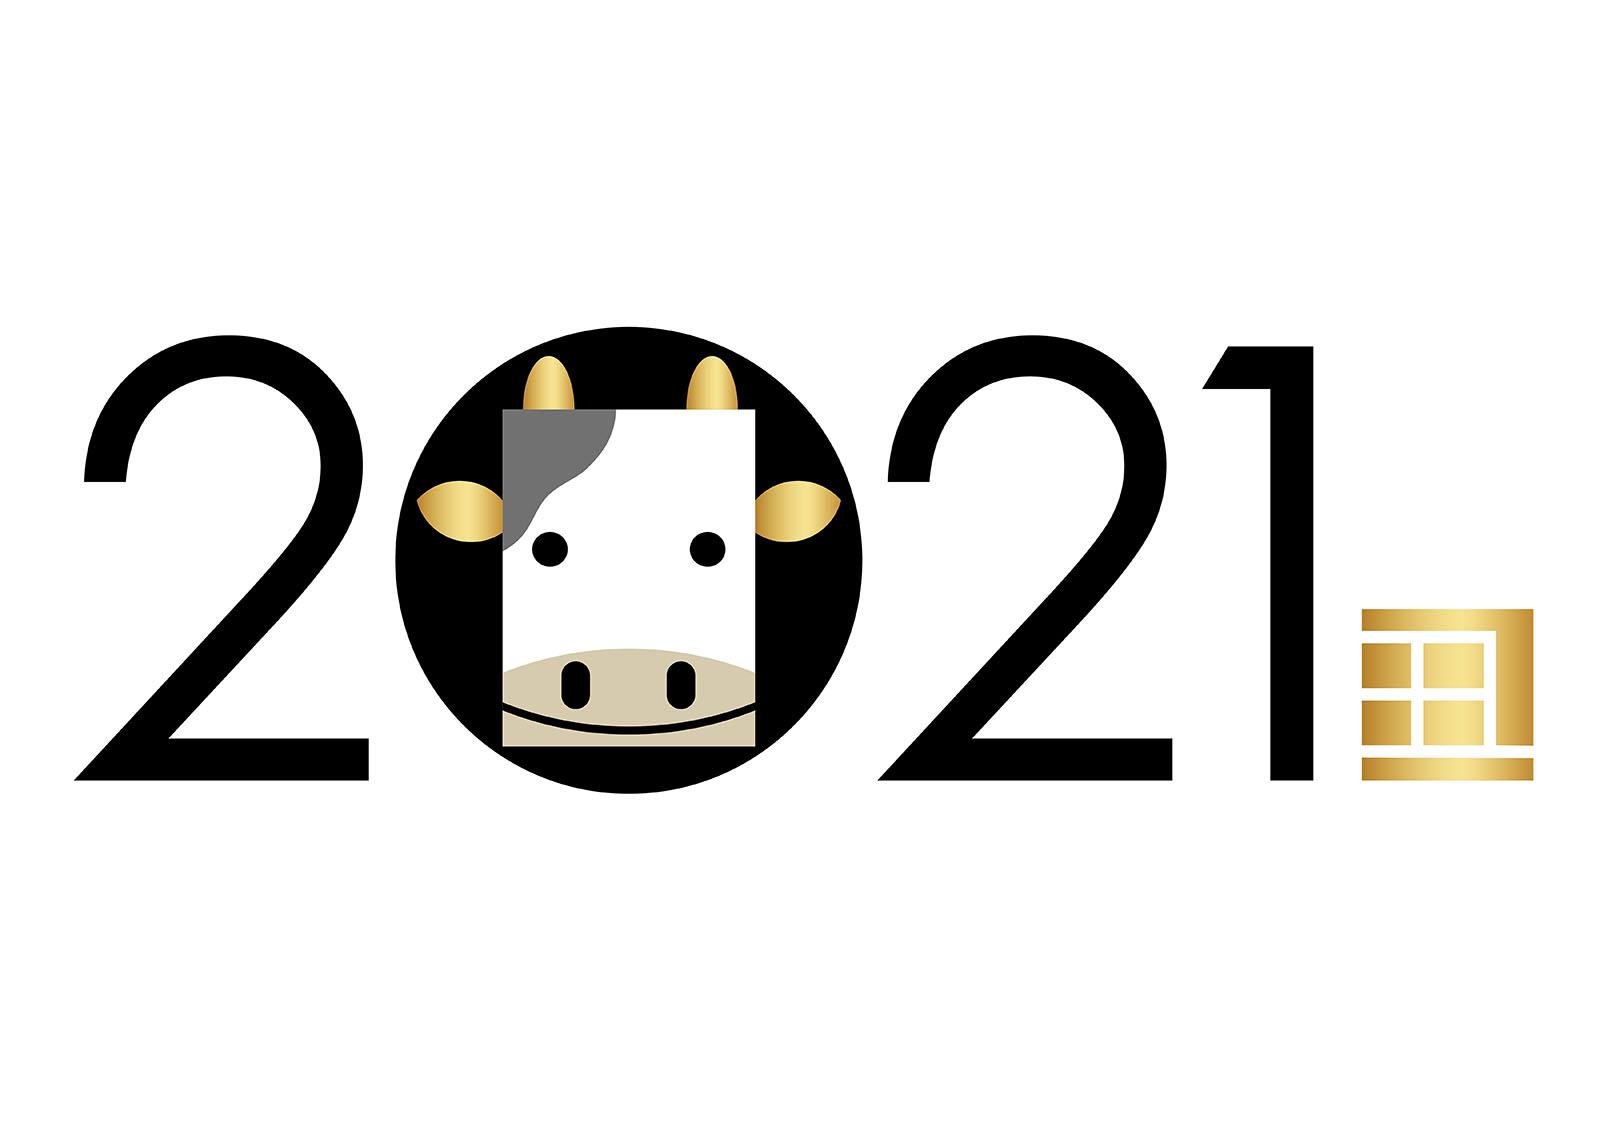 2021新年快樂圖 免費下載 | 天天瘋後製